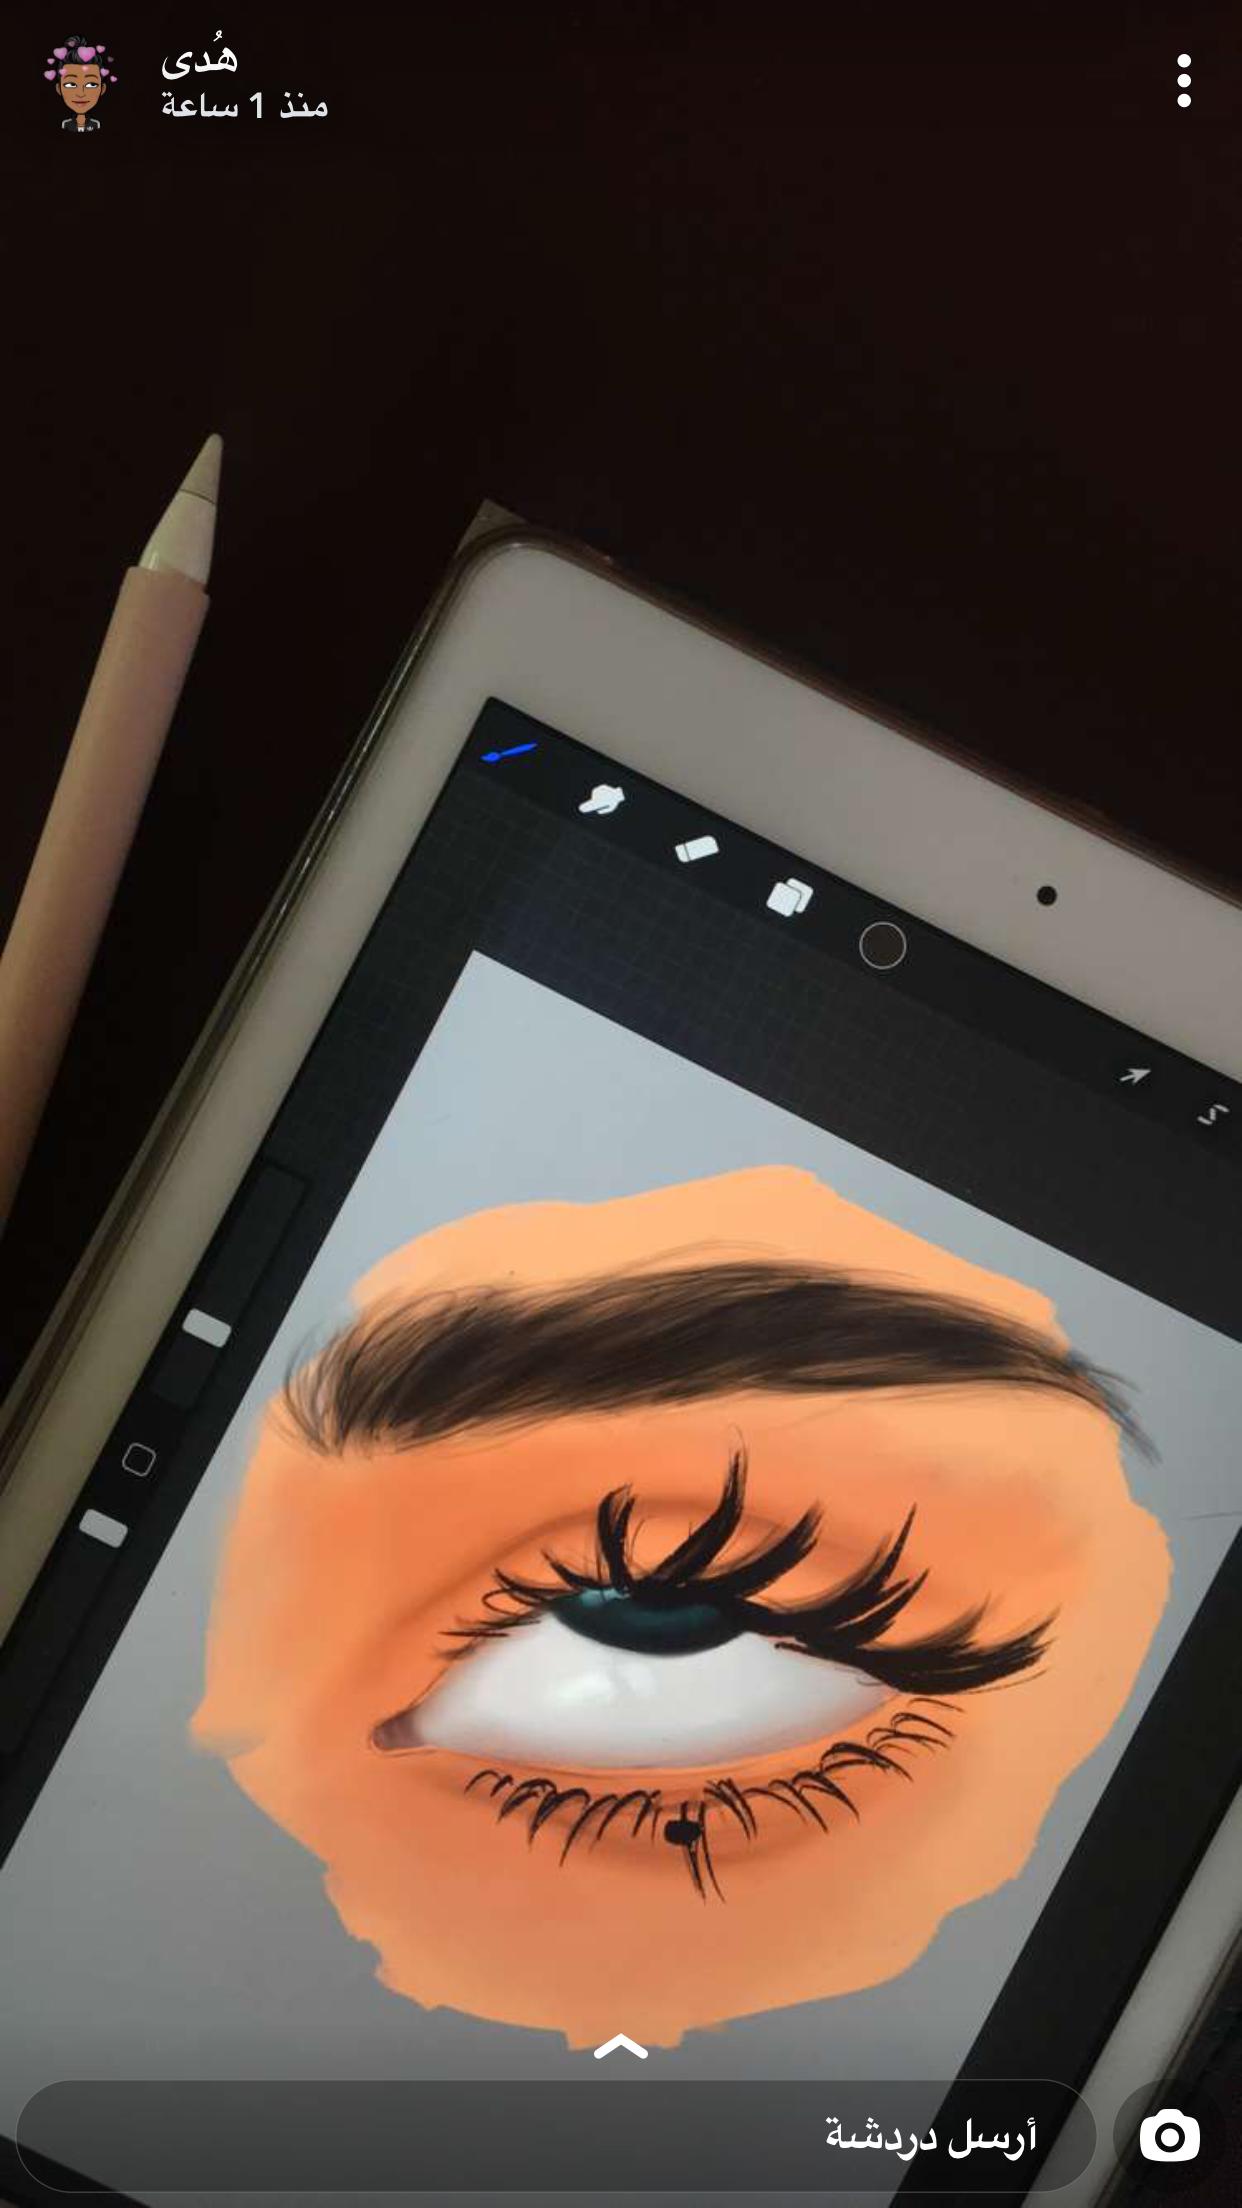 رسم صديقتي البعيده Art Drawings Tablet Electronic Products Electronics